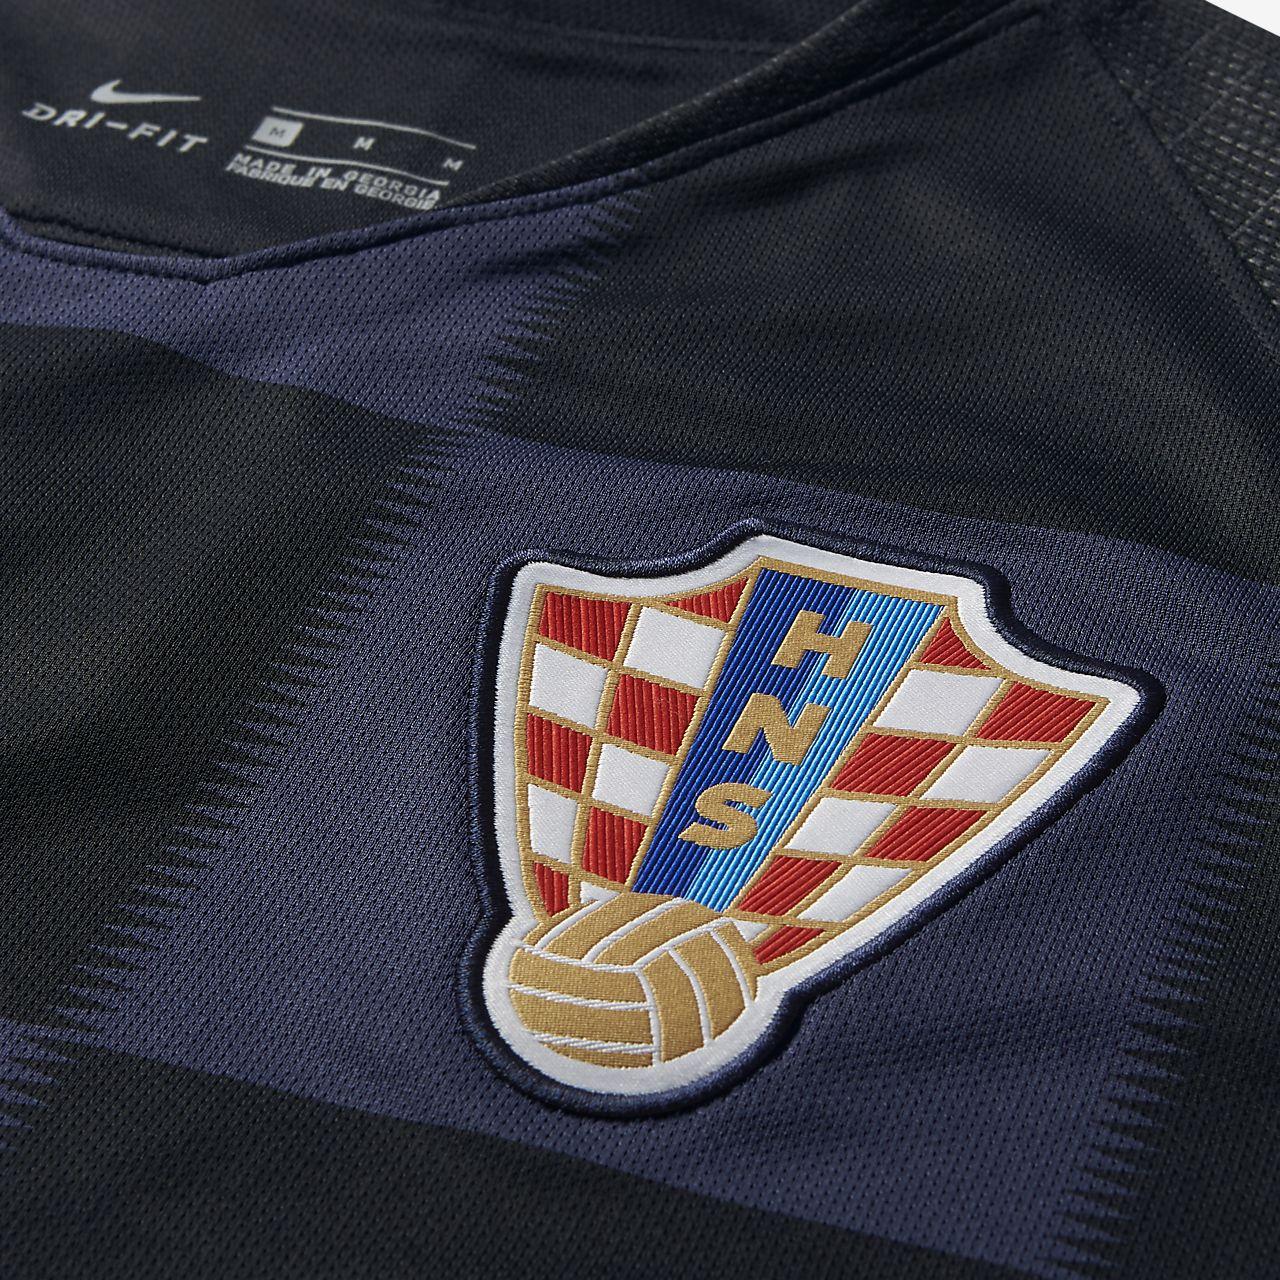 nike croatia jersey 2018